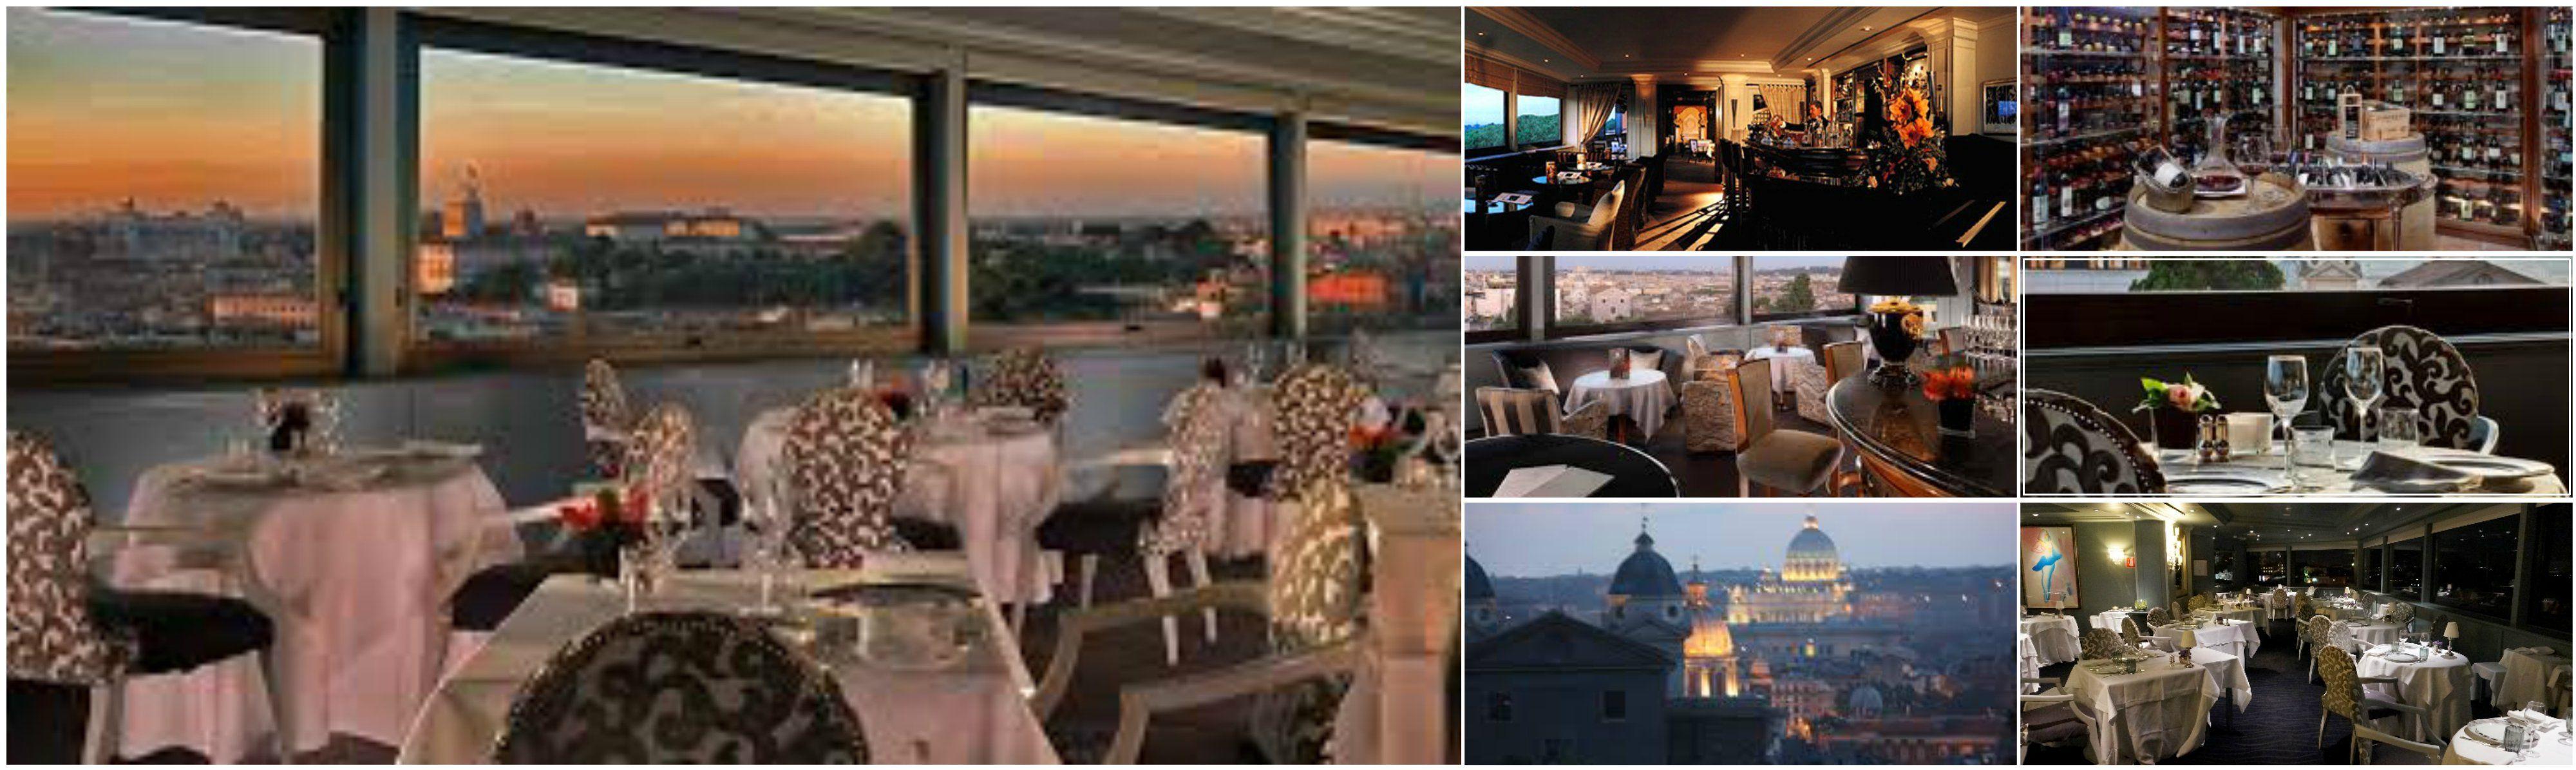 Terrazza dell\'Eden, Hotel Eden, Rome day 5 dinner   Italy ...